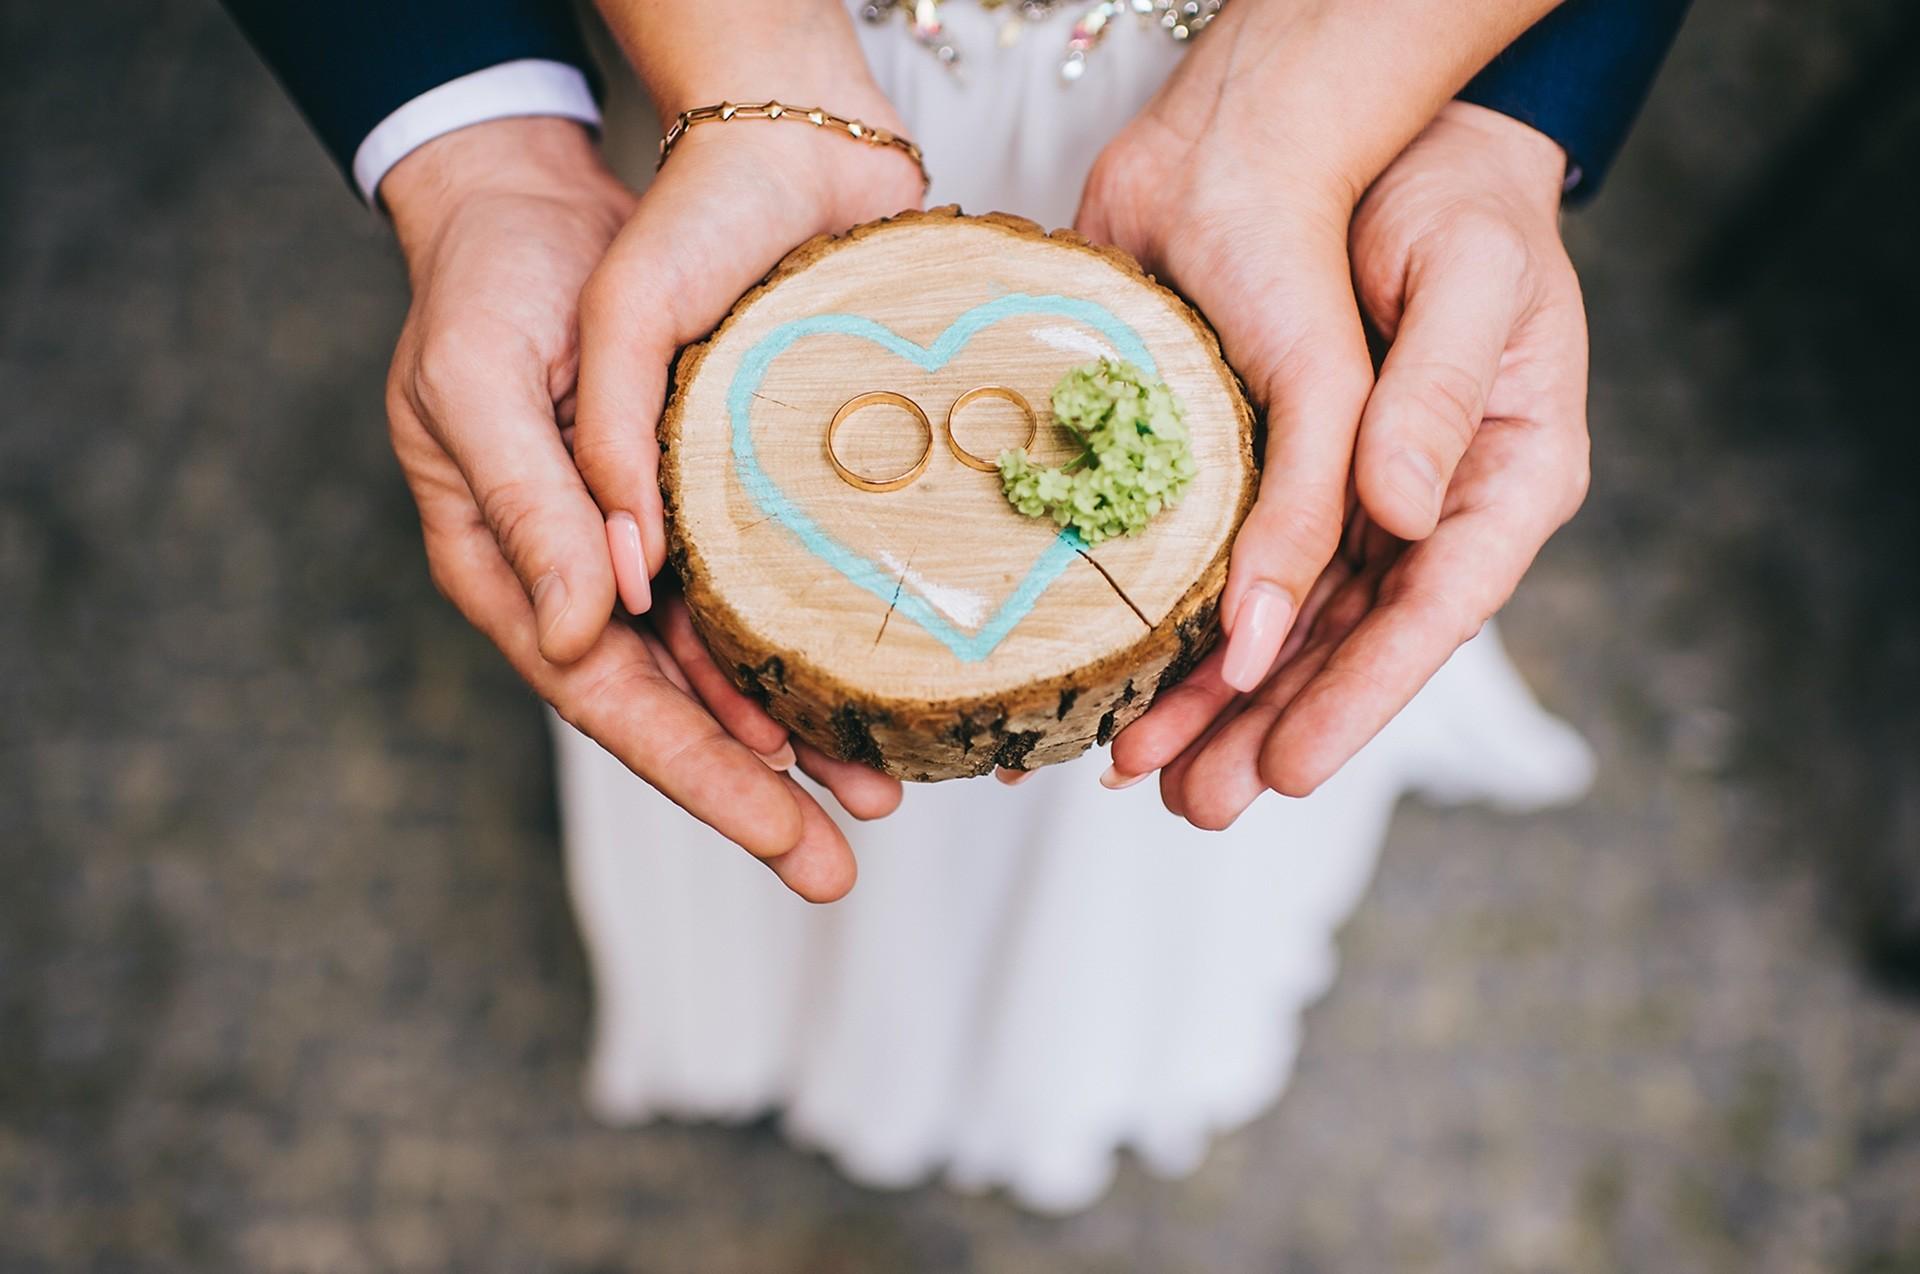 Organización de bodas en Albacete - 27 bodas servicios